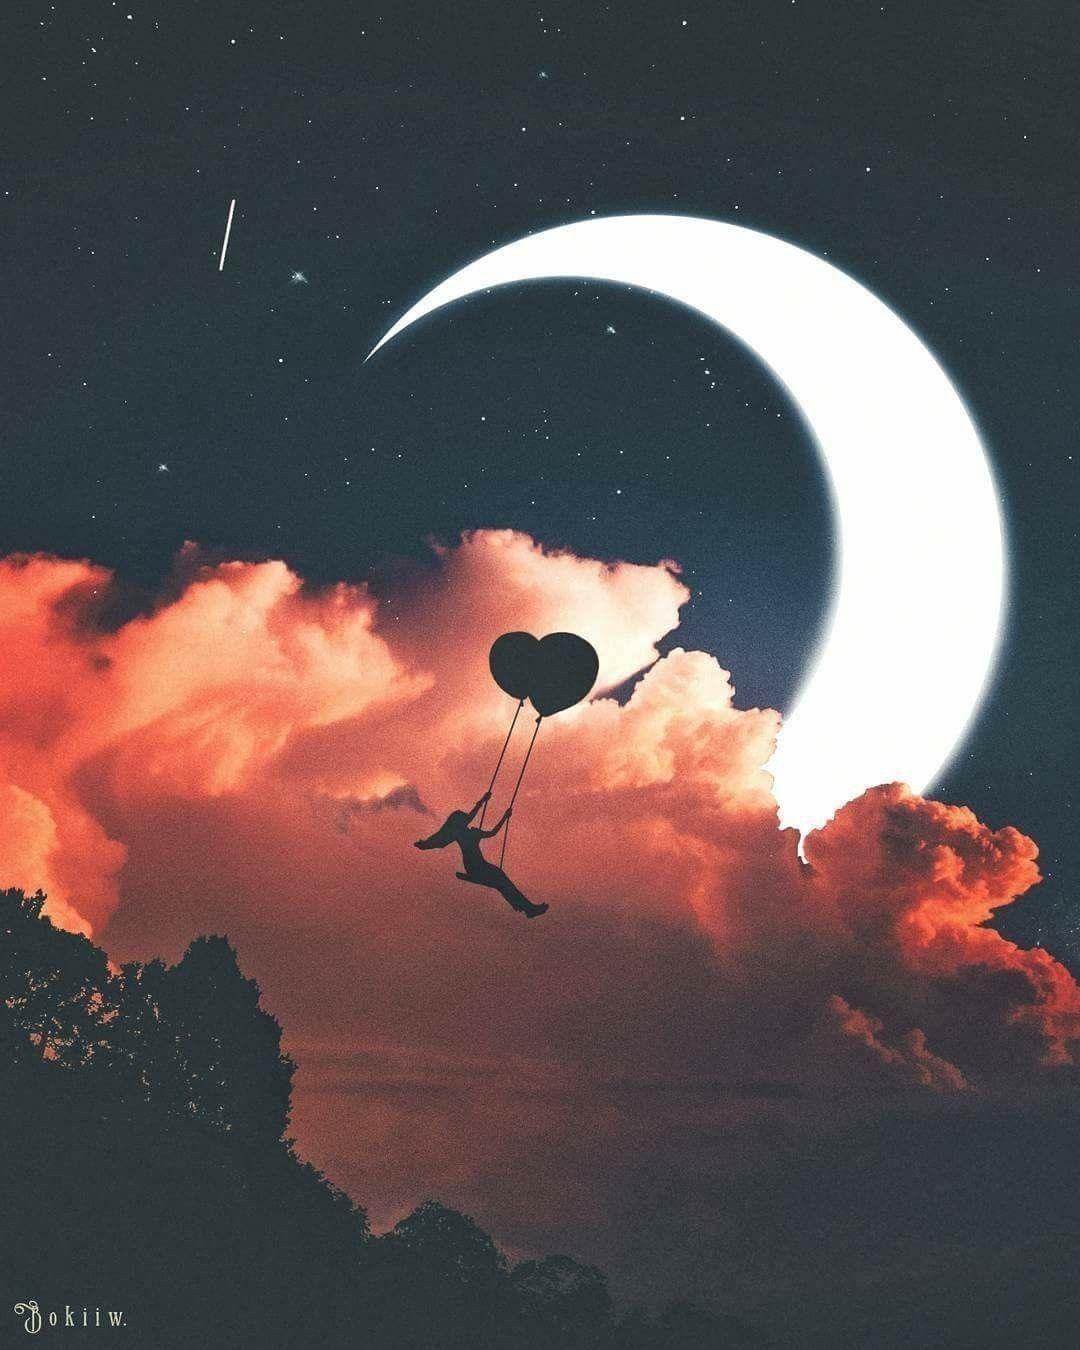 A Way To Sky Hd Wallpaper Moon Art Art Wallpaper Wallpaper Backgrounds